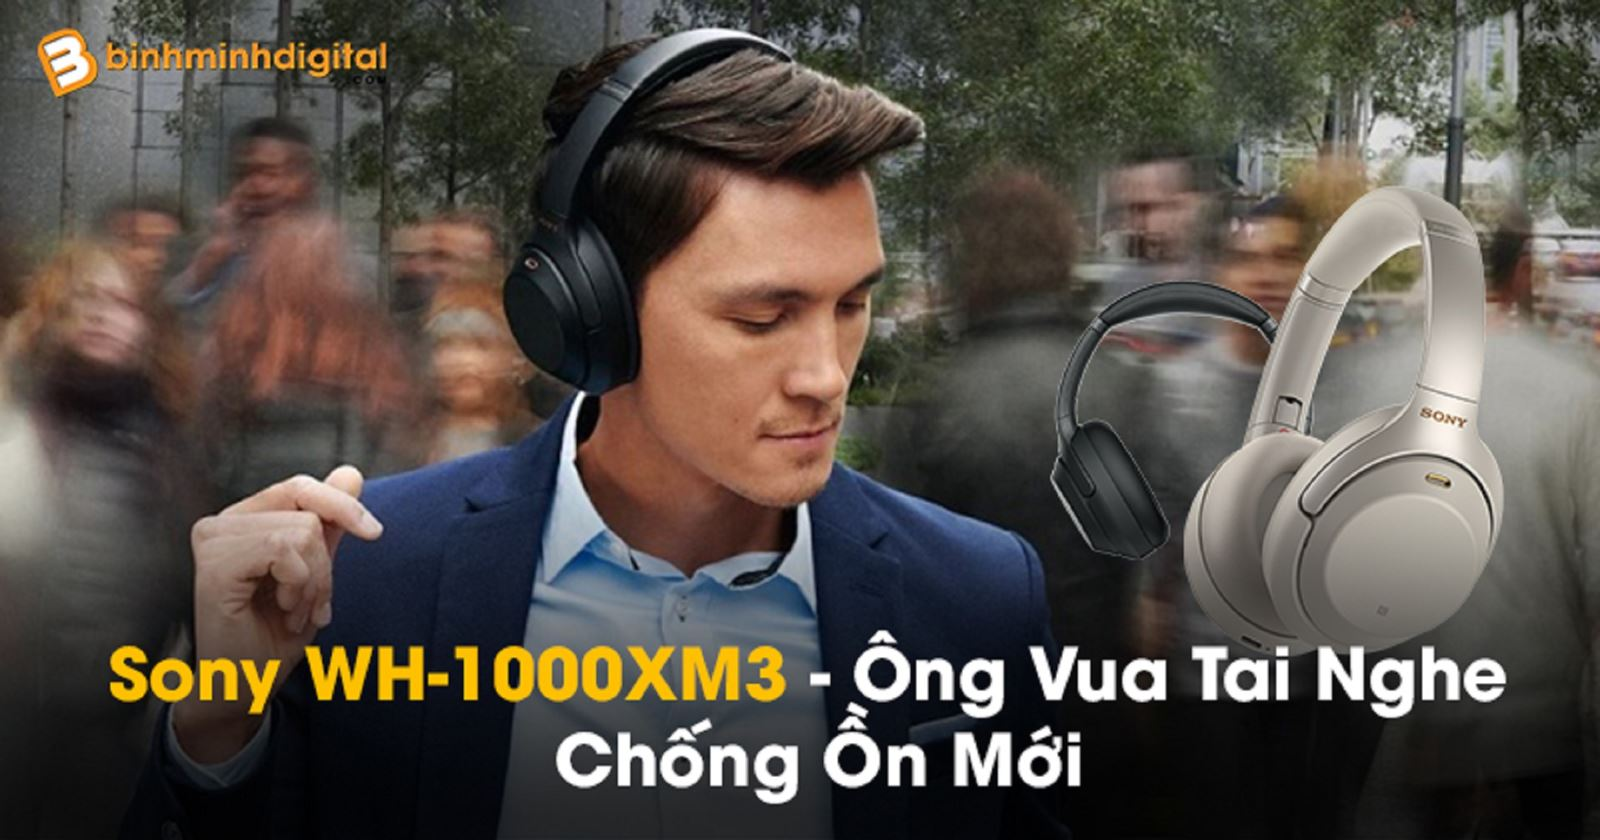 Sony WH-1000XM3 -Ông Vua Tai Nghe Chống Ồn Mới